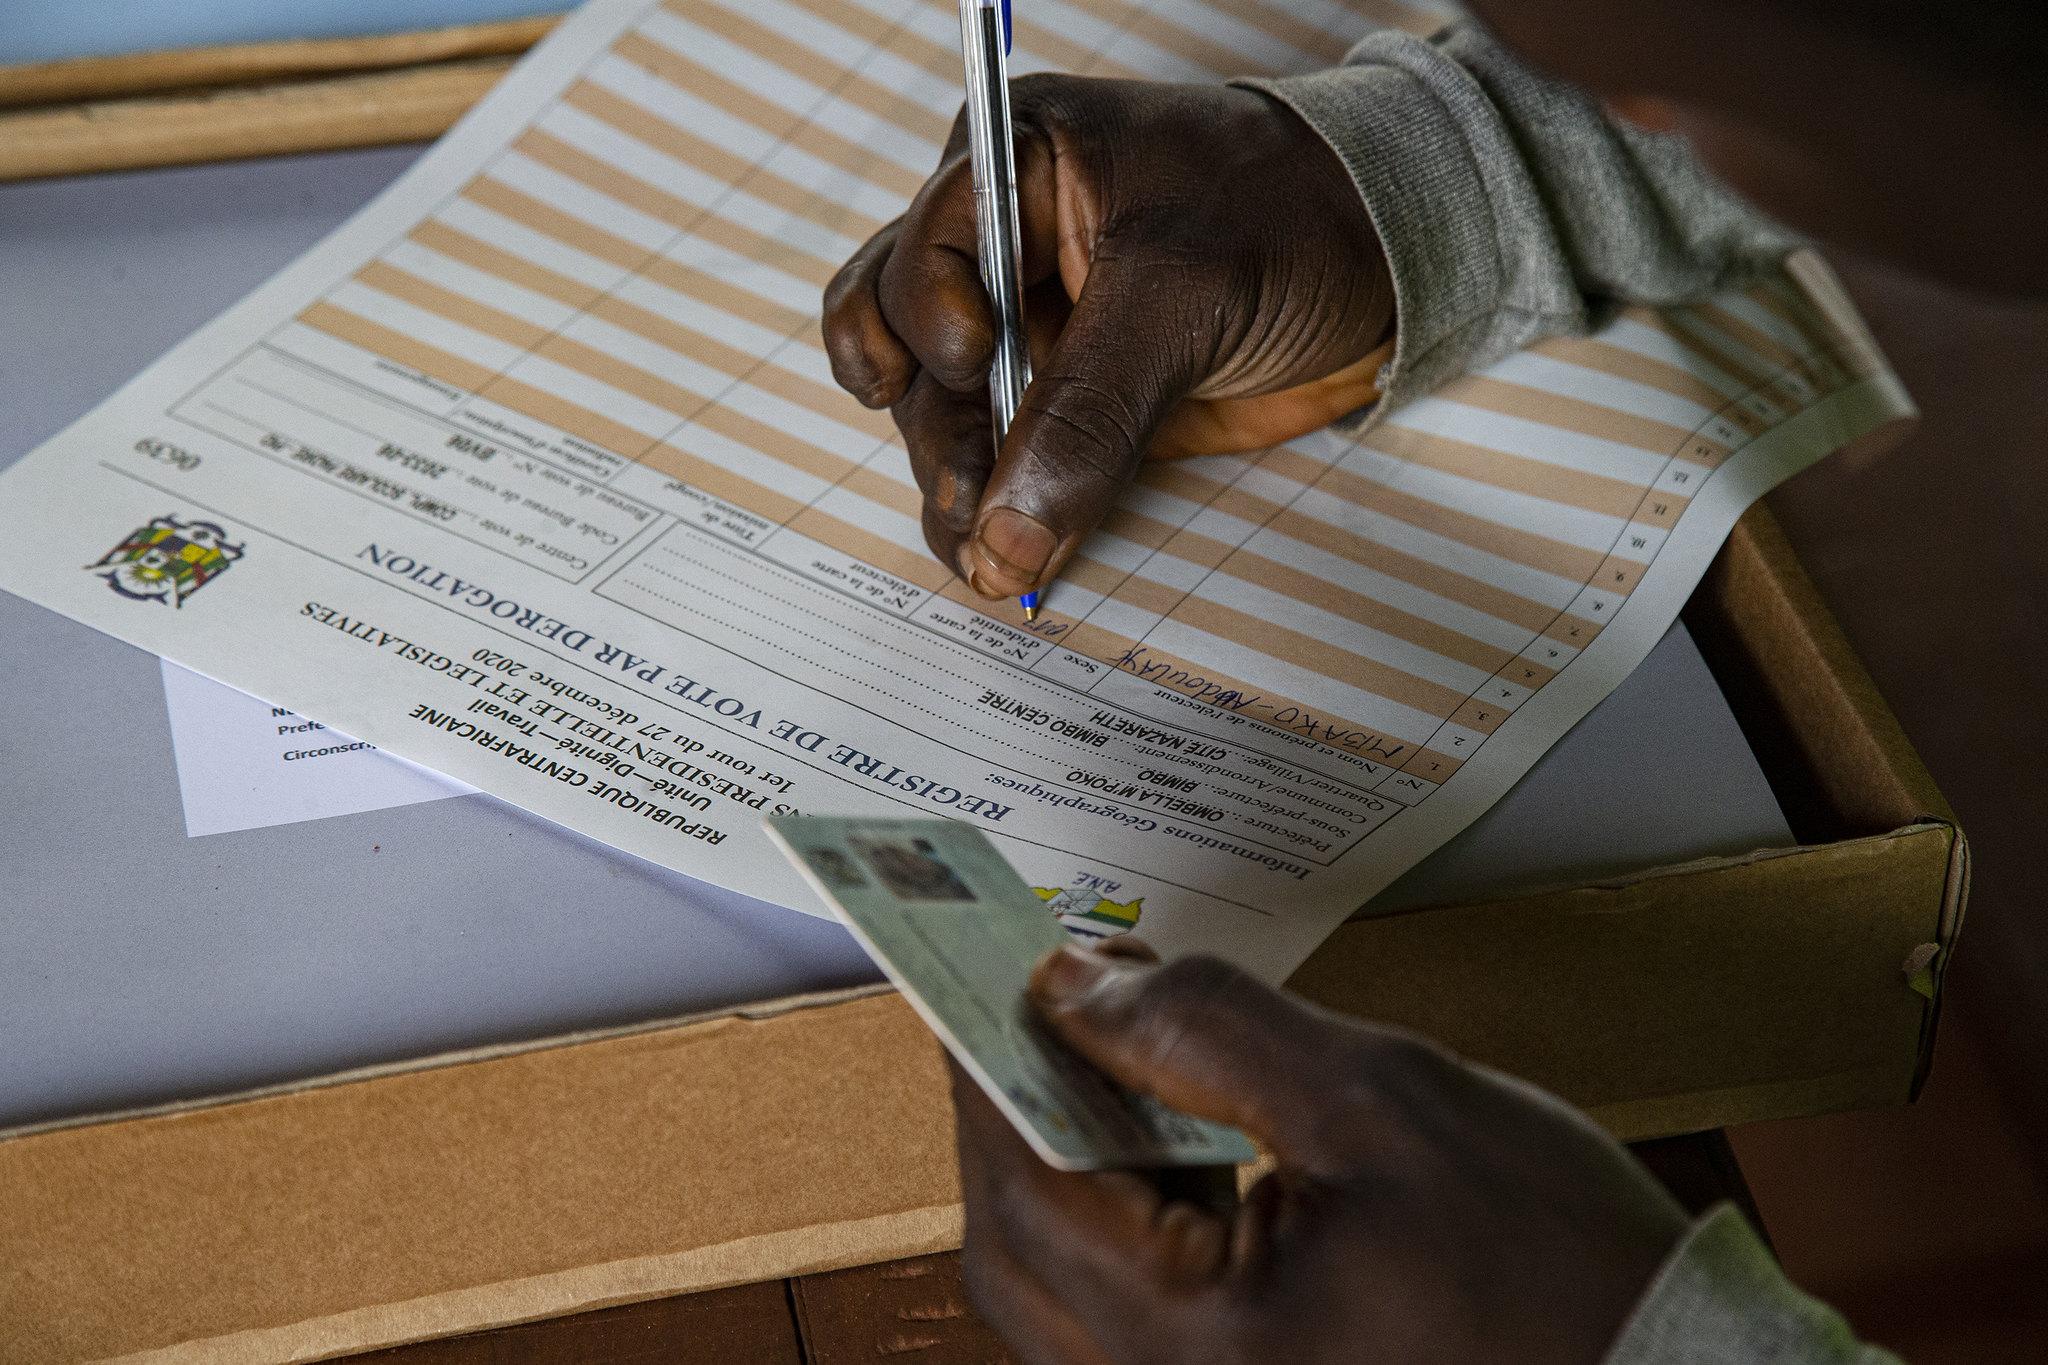 Élection en Centrafrique. © UN/MINUSCA - Leonel Grothe